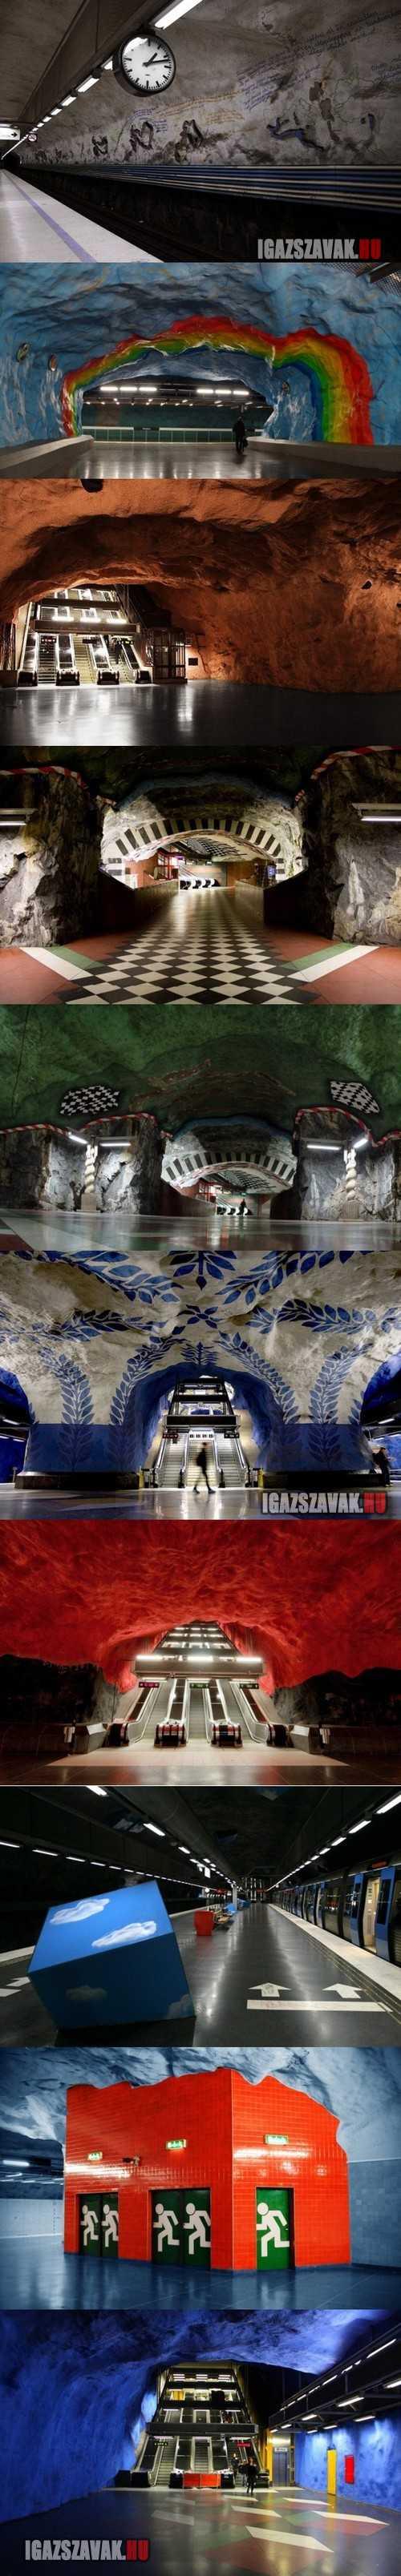 művészet a stockholmi metróban